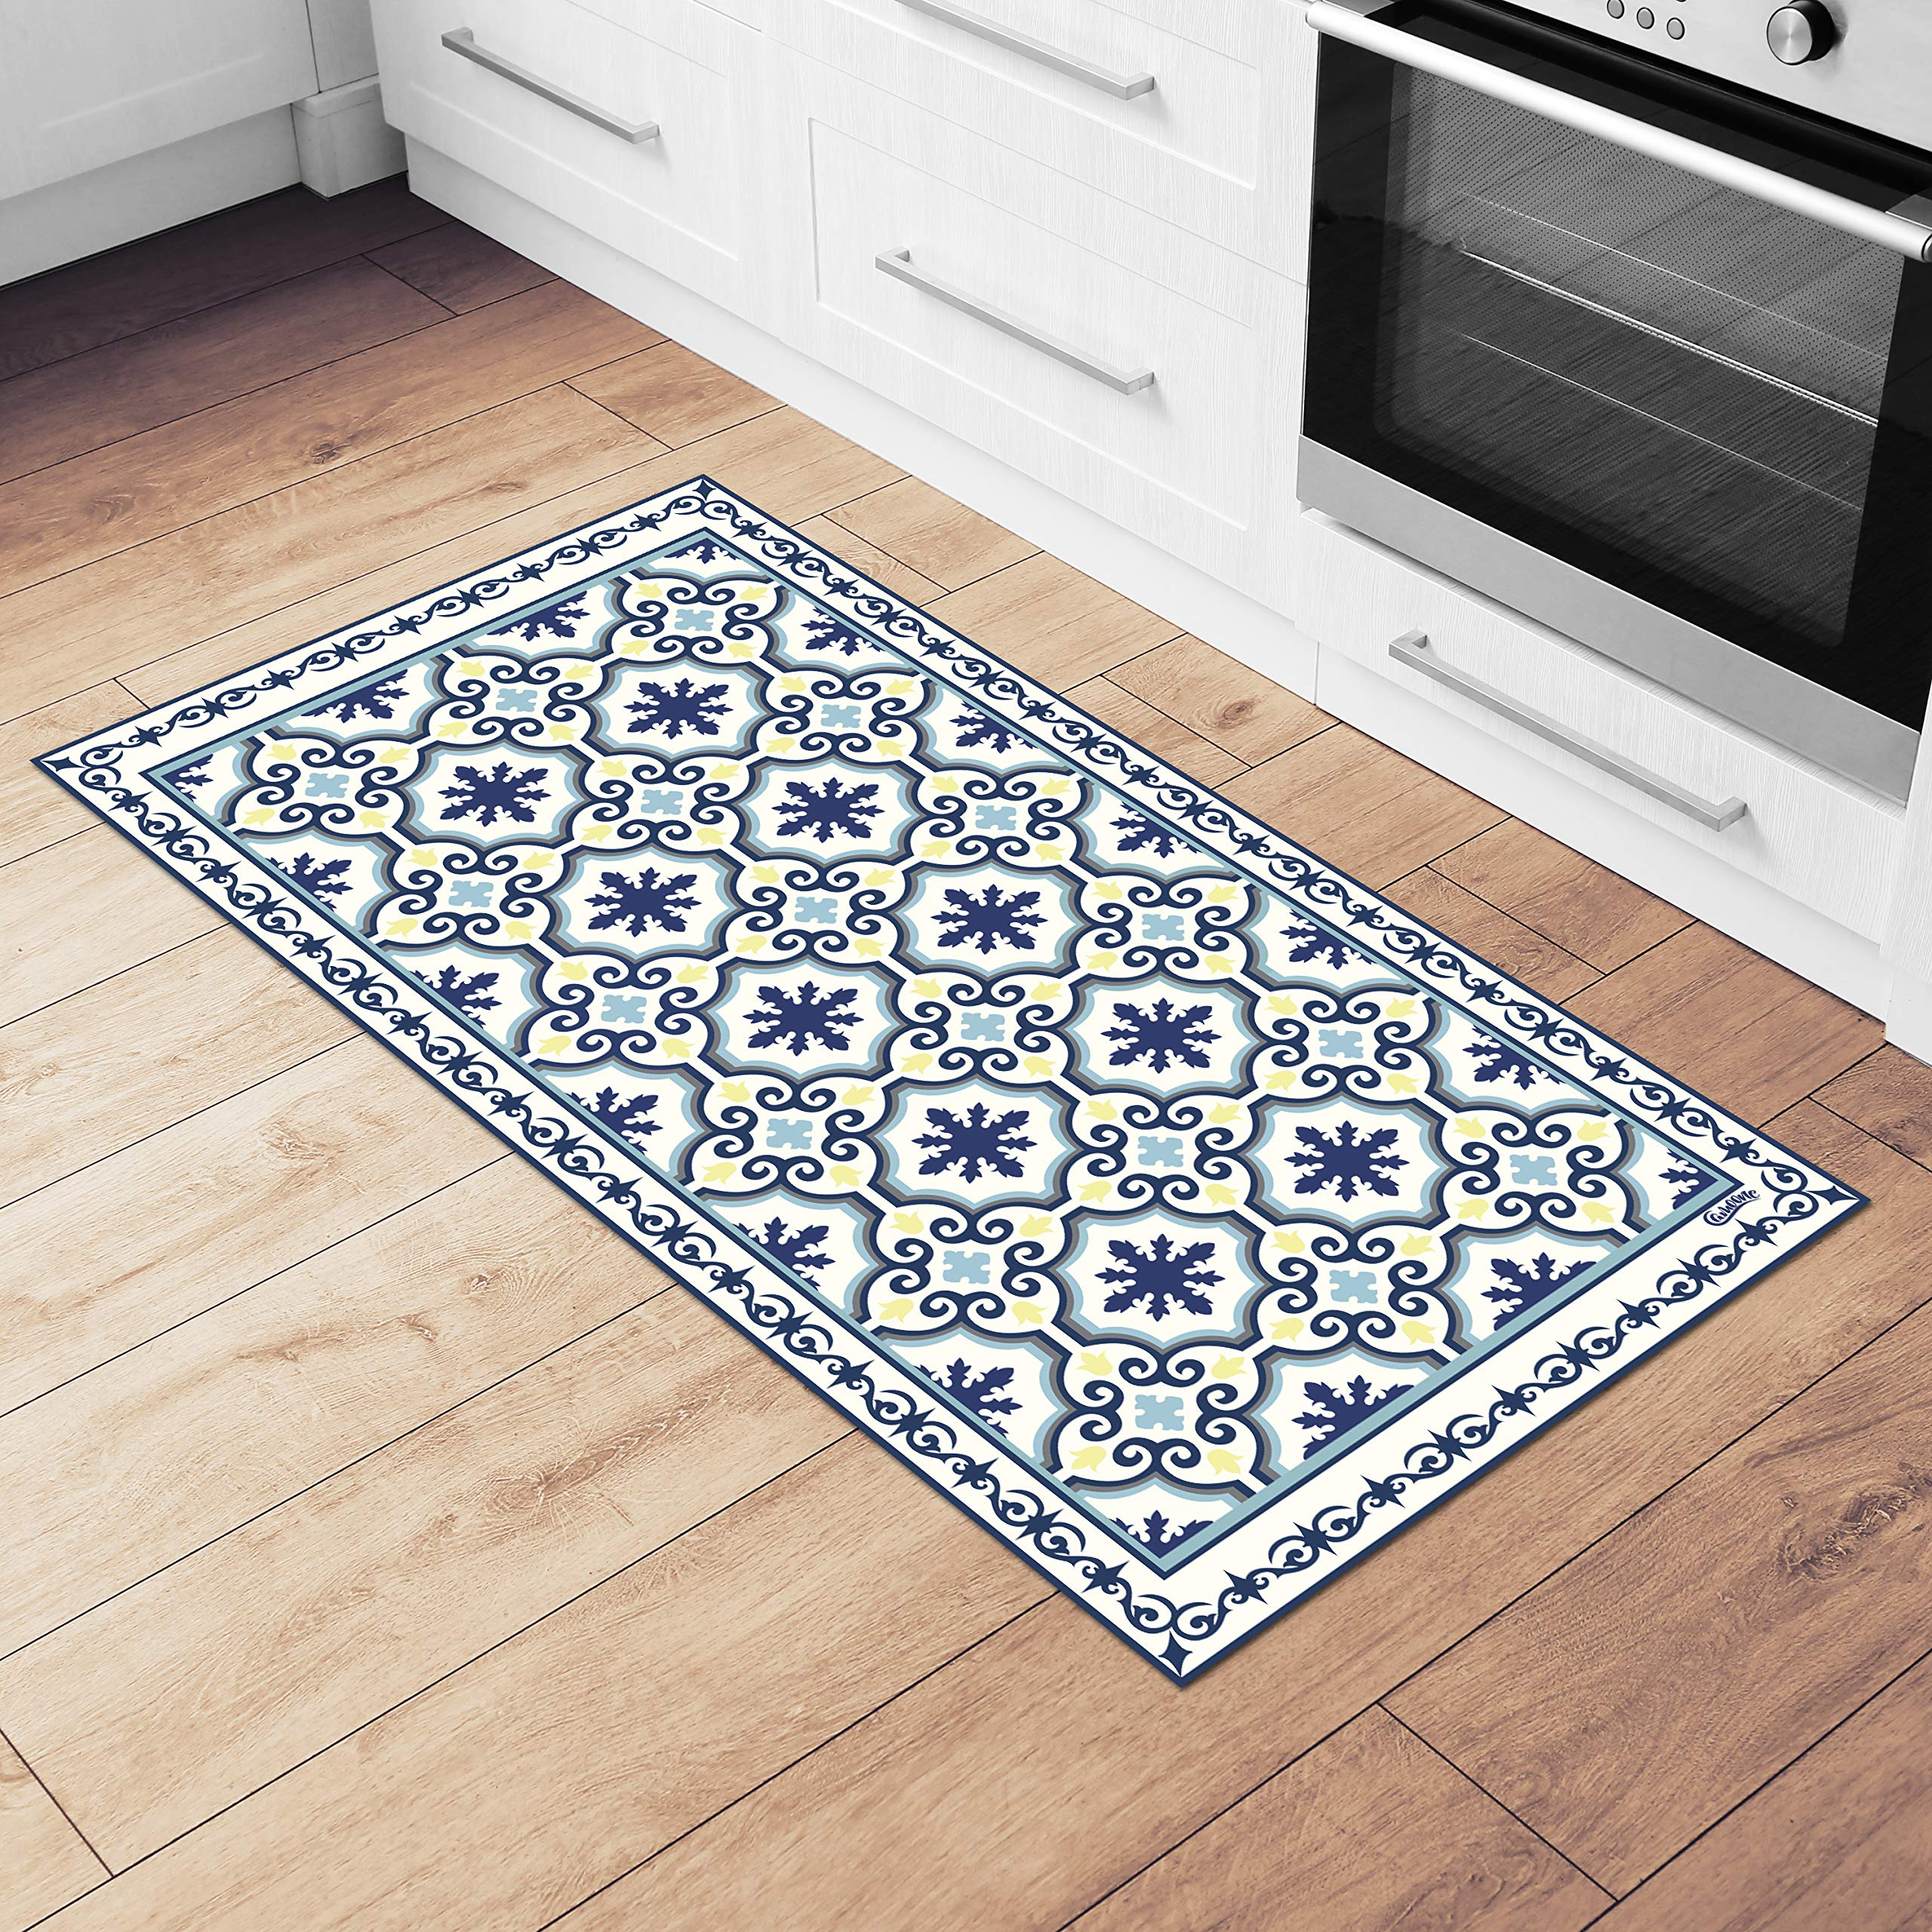 Camoone Non Slip Kitchen Mat + 9 Free Coasters – Greek Garden Blue &  White Decorative Vinyl Kitchen Floor Mat   Hypoallergenic, Insulated, ...